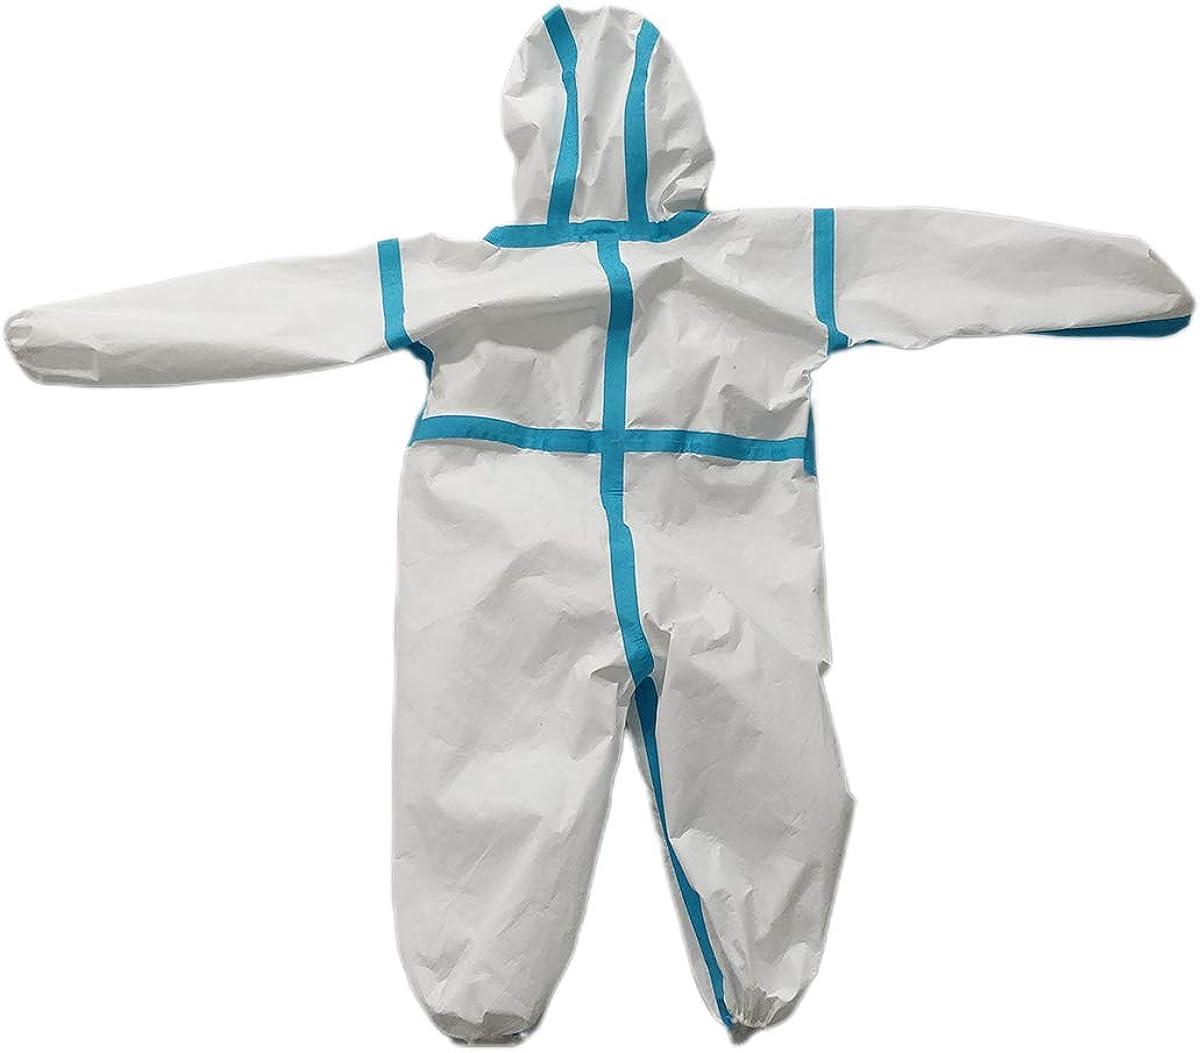 PAYLZWZY Einweg-Schutzkleidung f/ür Kinder und Erwachsene Vliesstoff-Einteiler mit Kapuze von Epidemien am ganzen K/örper Einweg-Schutzanzug wasserdichte Kleidung Overall Suit Workwear